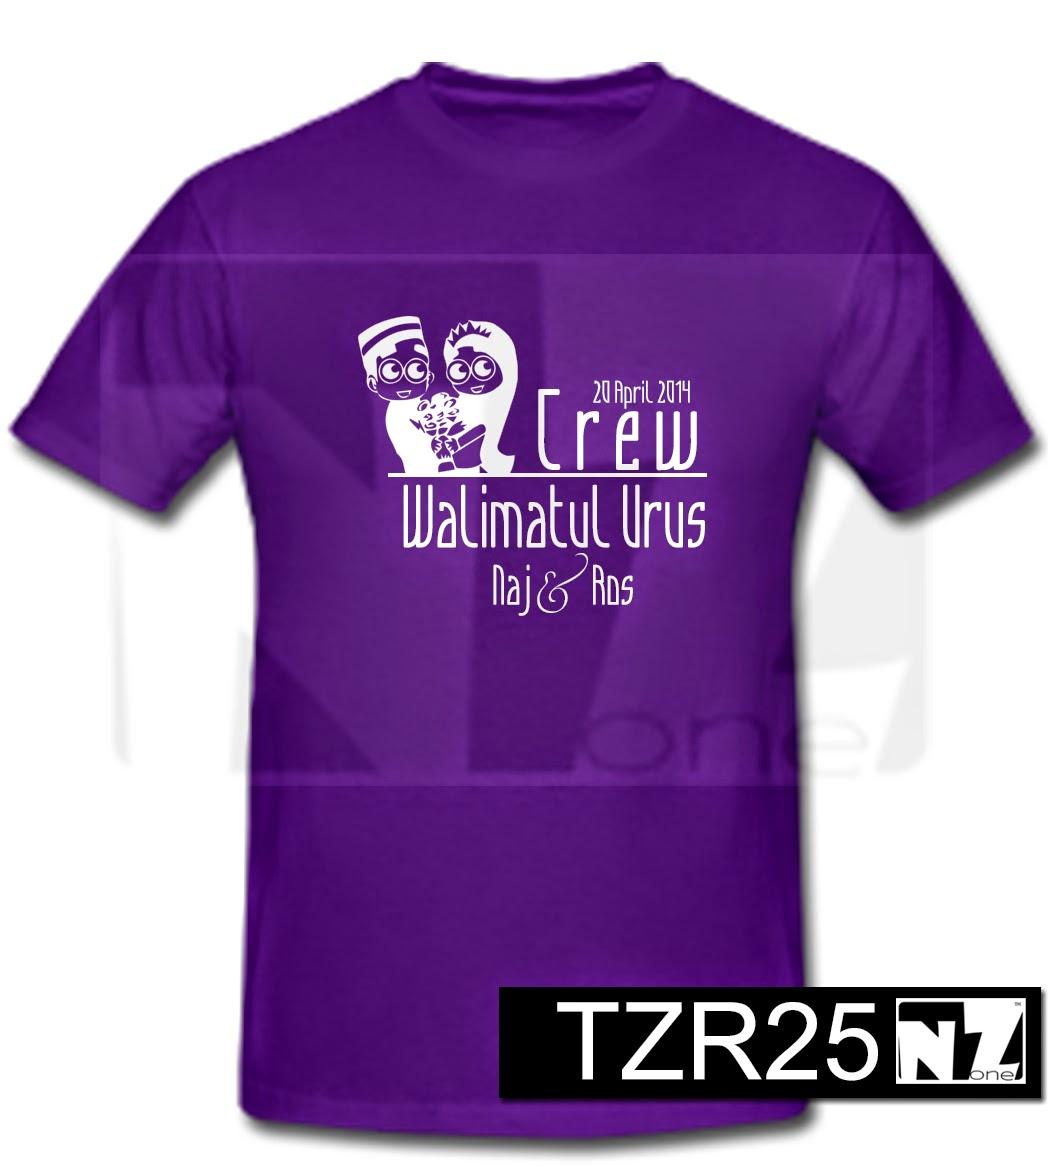 Design t shirt rewang - Design T Shirt Rewang New Design For Tshirt Rewang